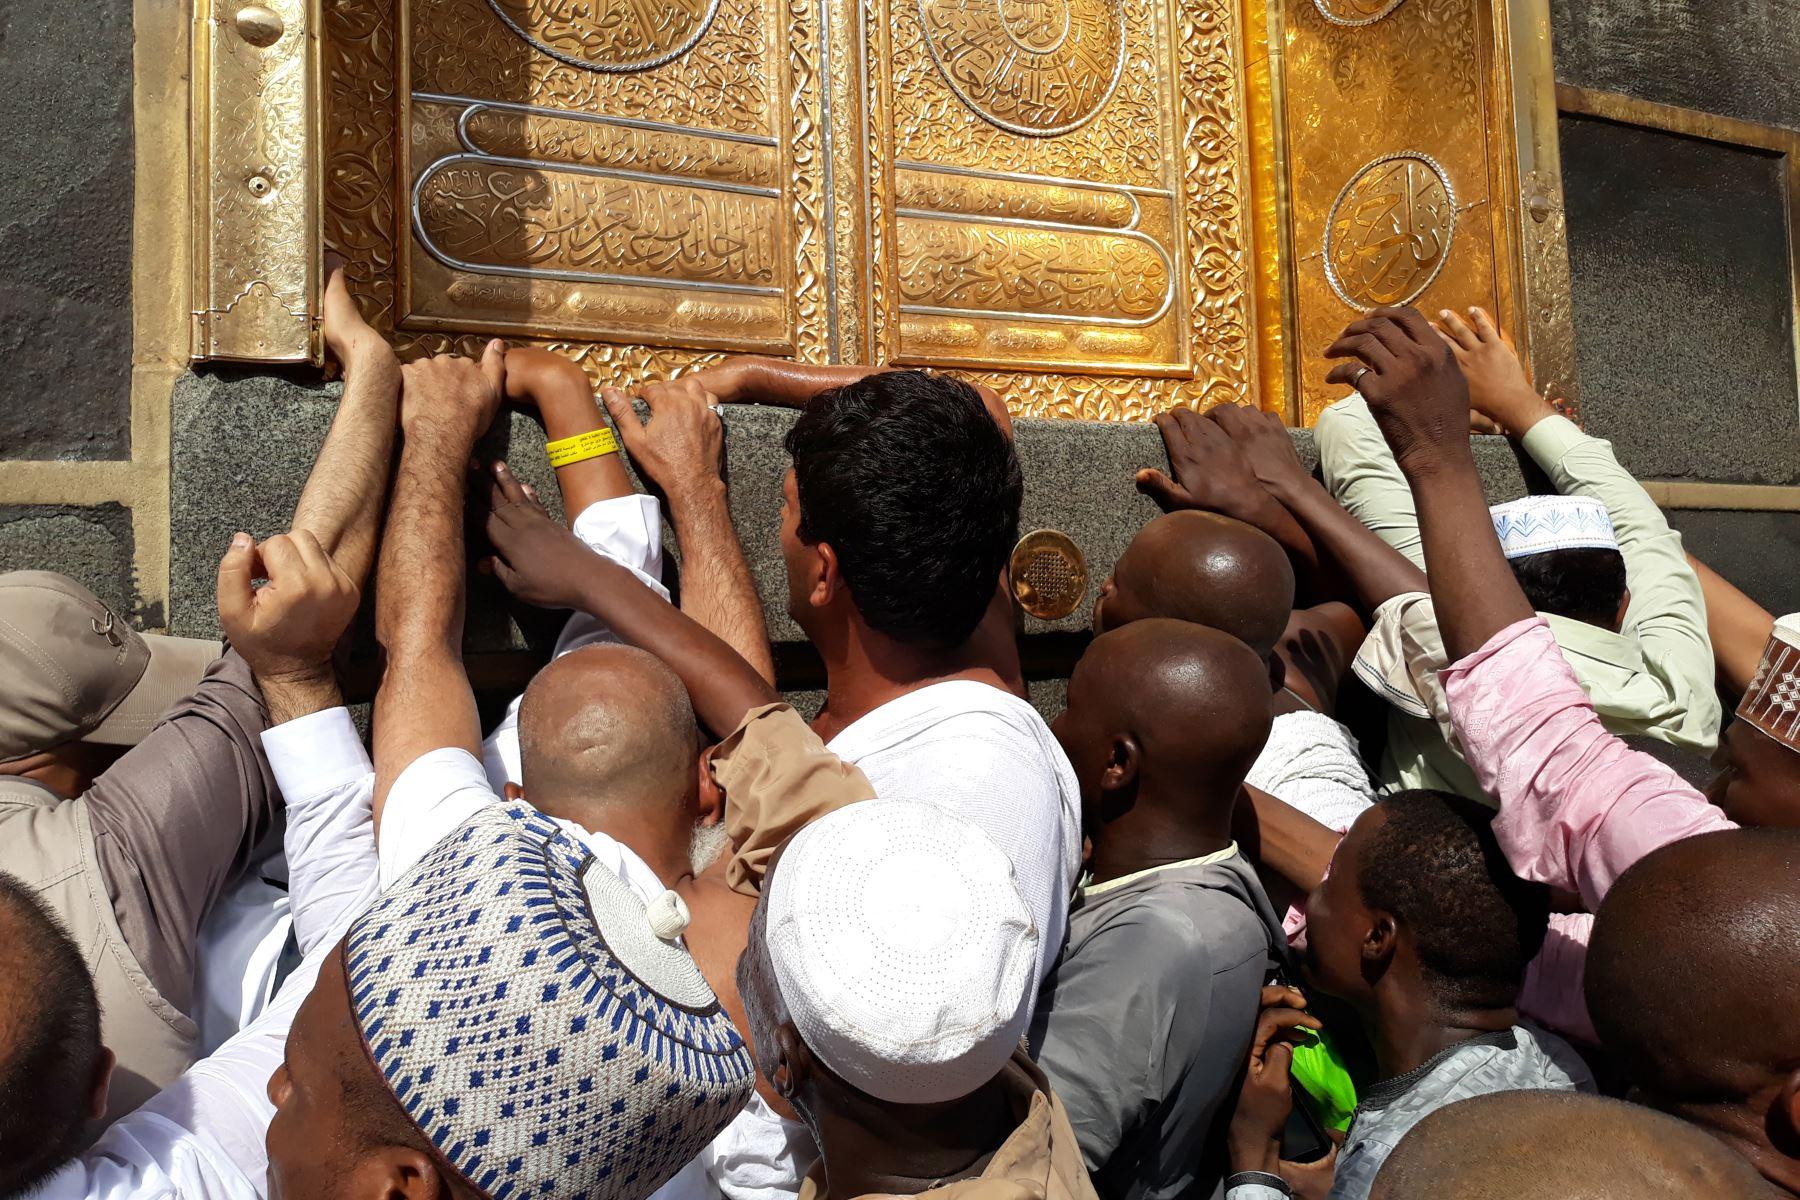 Peregrinos musulmanes se reúnen frente a la puerta de la Kaaba, el santuario más sagrado del Islam. Foto: AFP